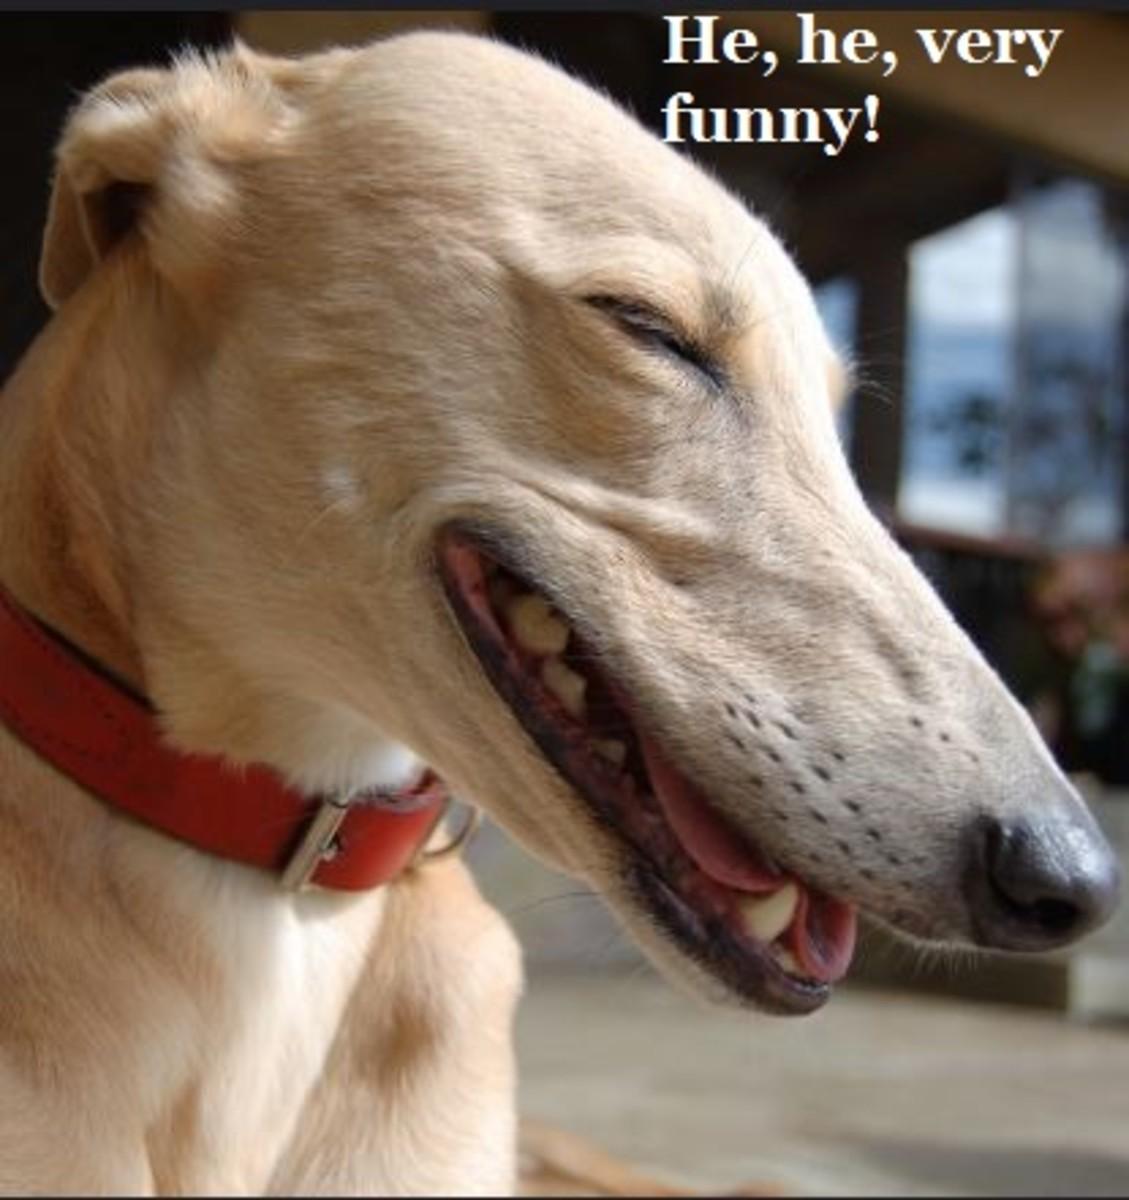 DOG LAUGHING 2